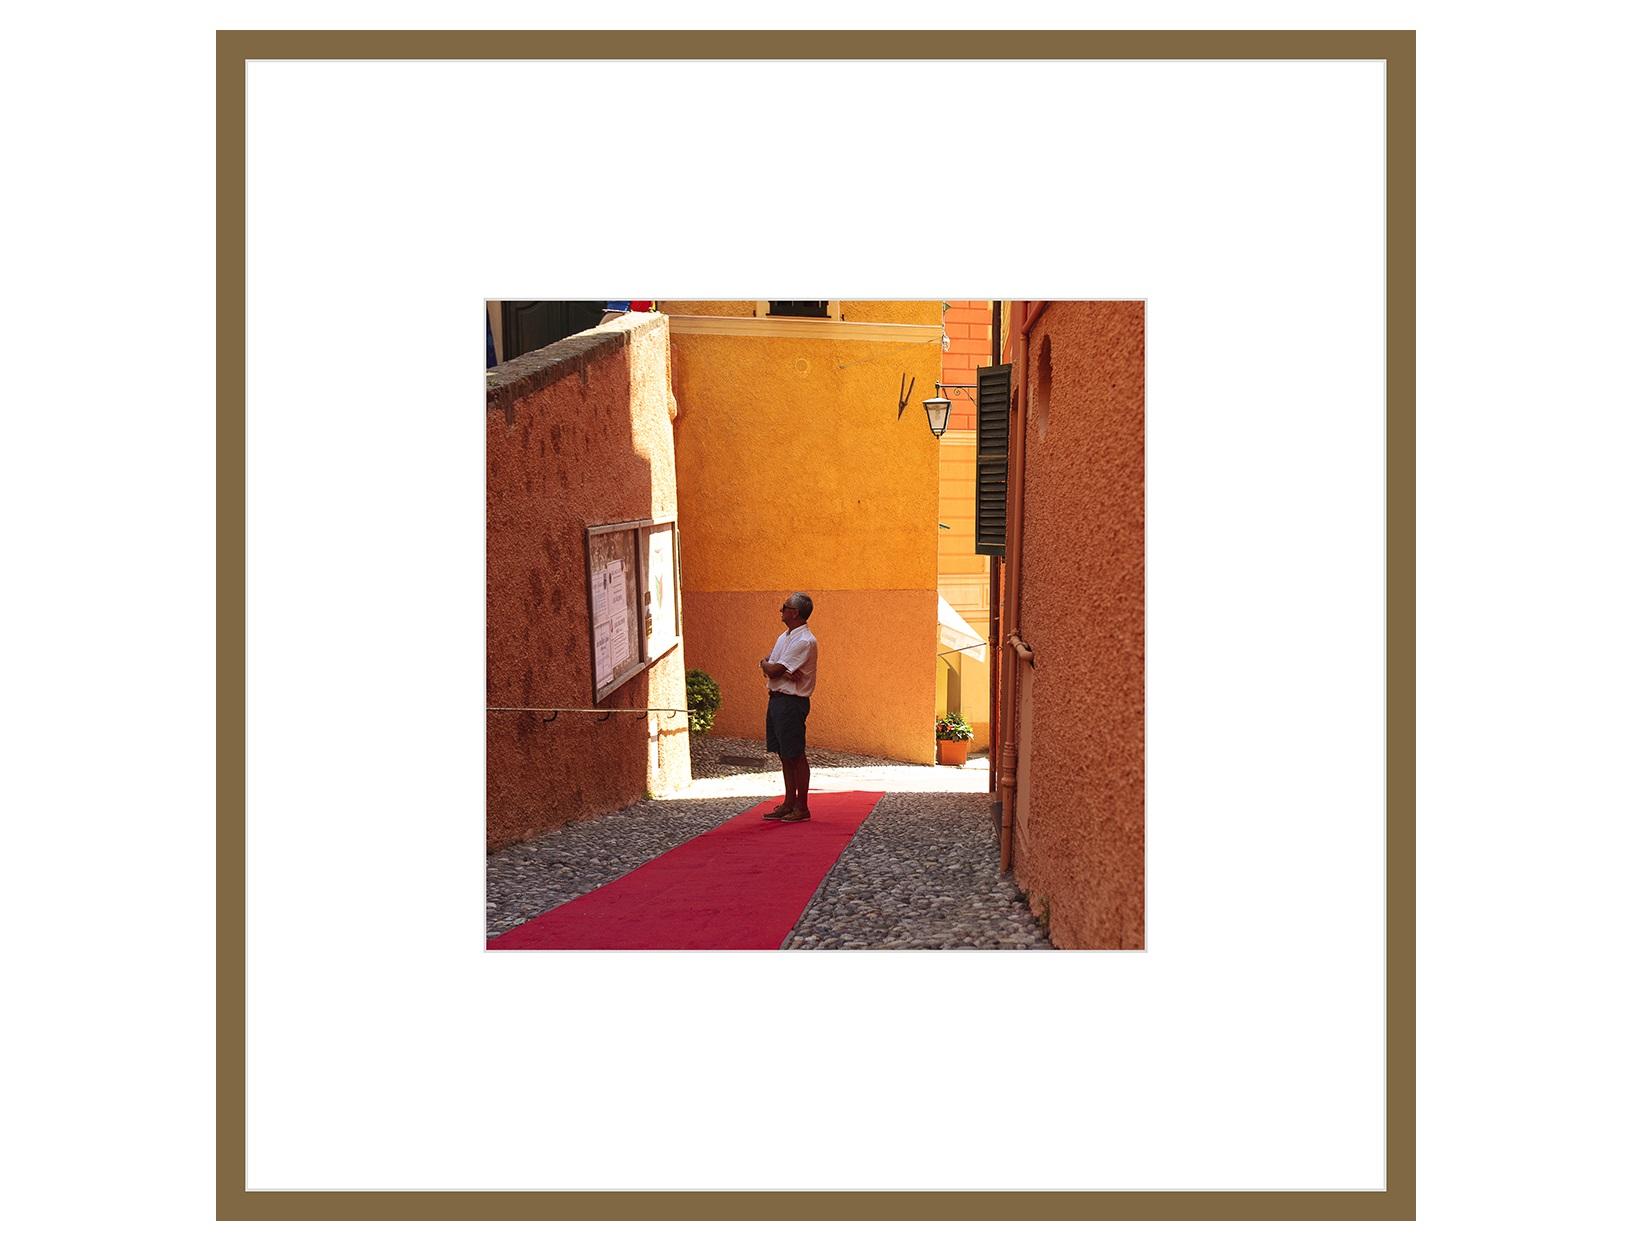 Авторская арт-фотография оранжевые новости (george rouchin photography) оранжевый 60x60 см. фото